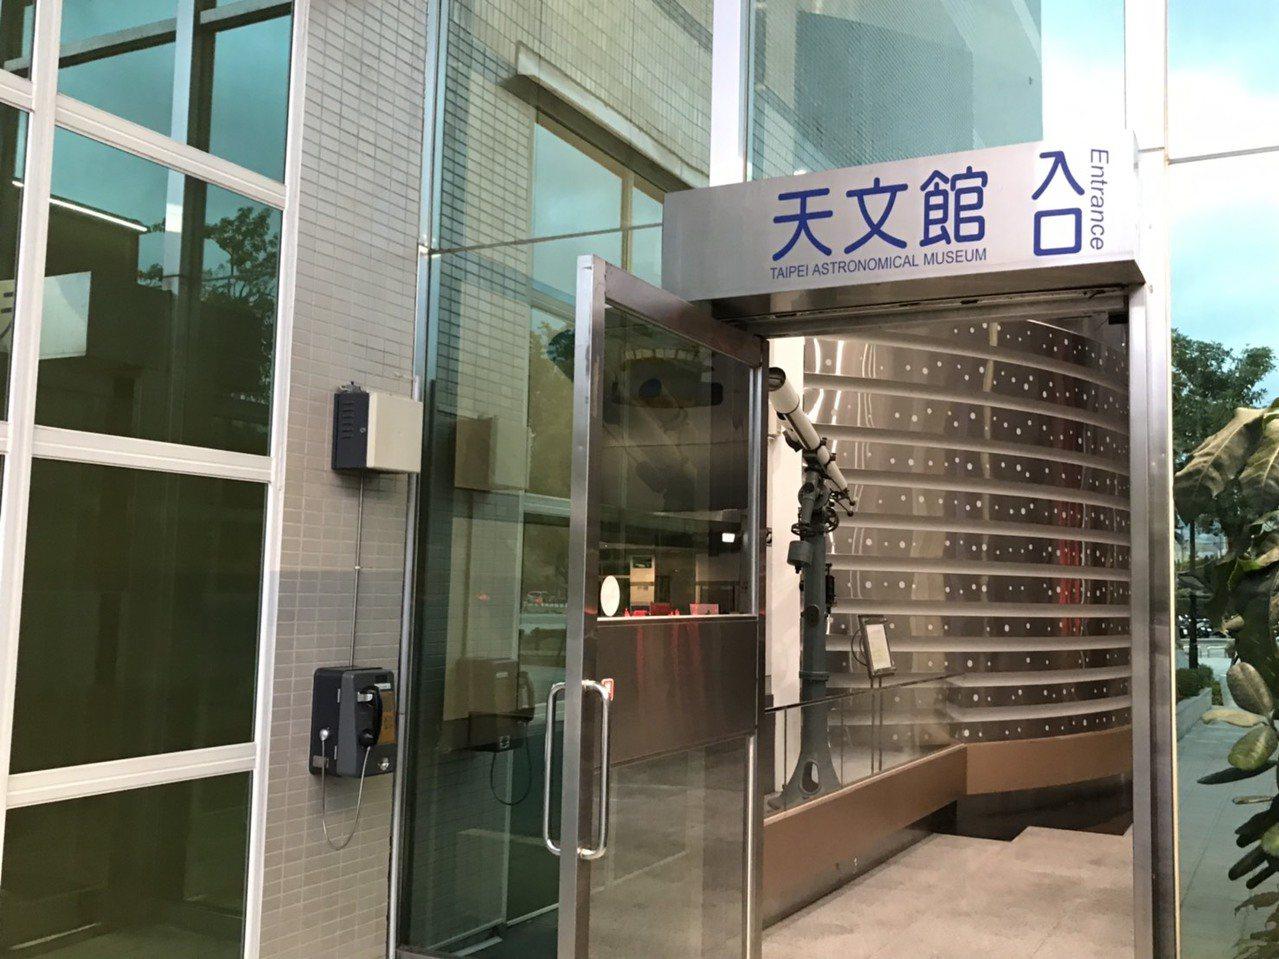 台北市立天文科學教育館有插卡式的公共電話,民眾要買電話卡才能使用。記者馮靖惠/攝...